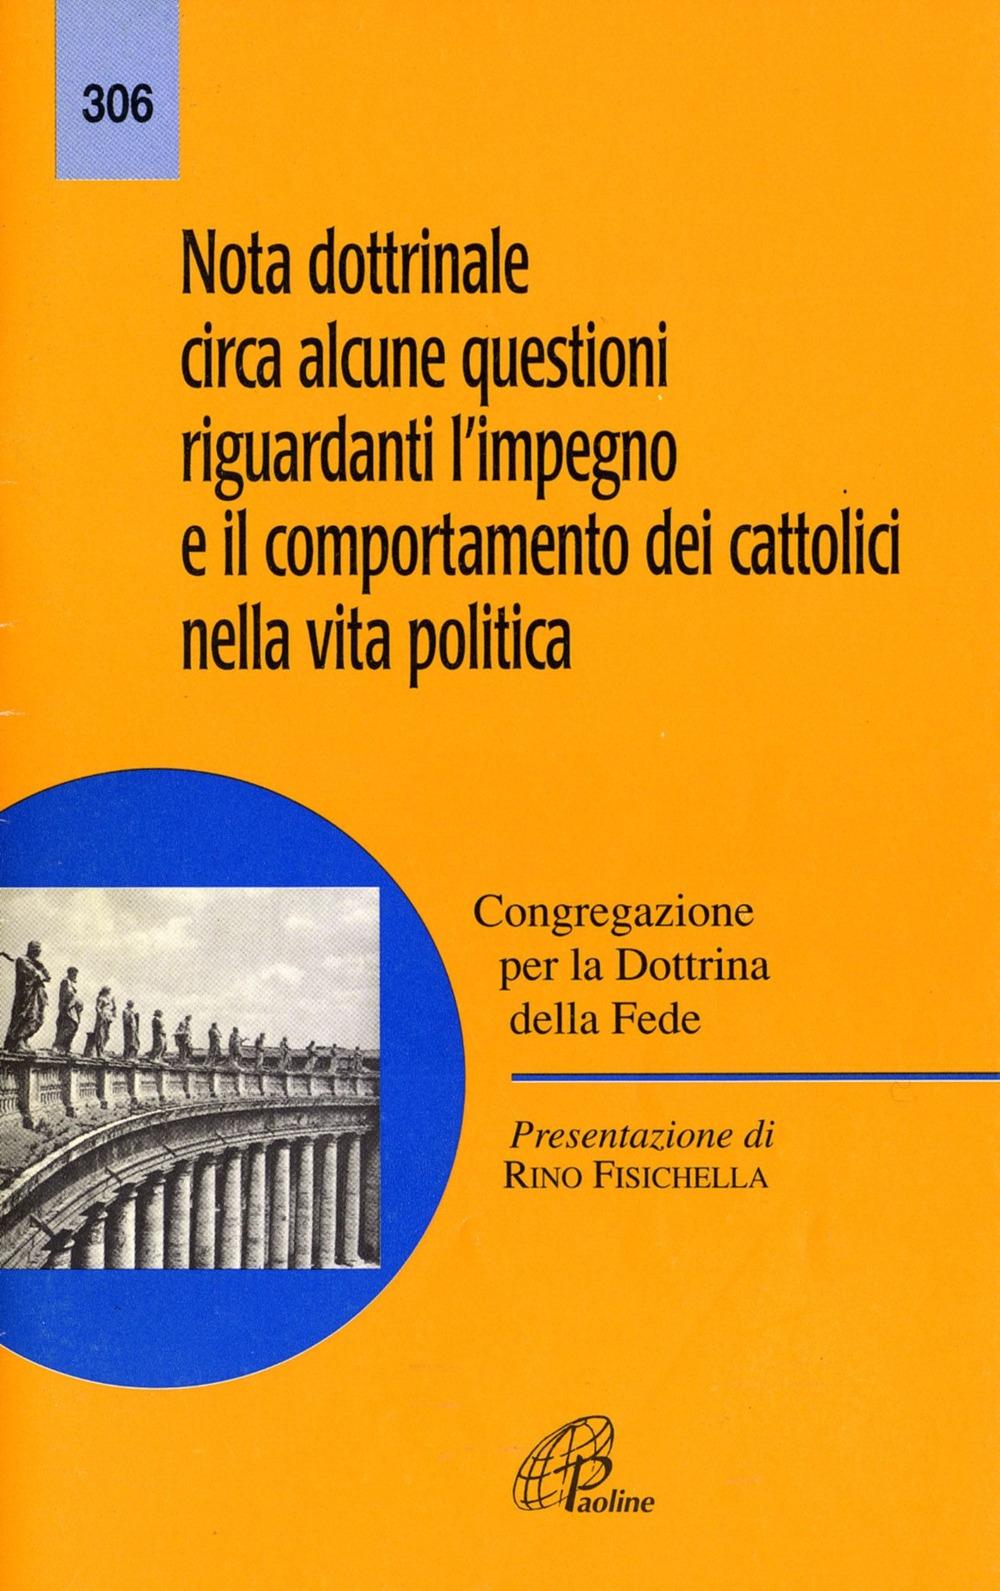 Nota dottrinale circa alcune questioni riguardanti l'impegno e il comportamento dei cattolici nella vita politica